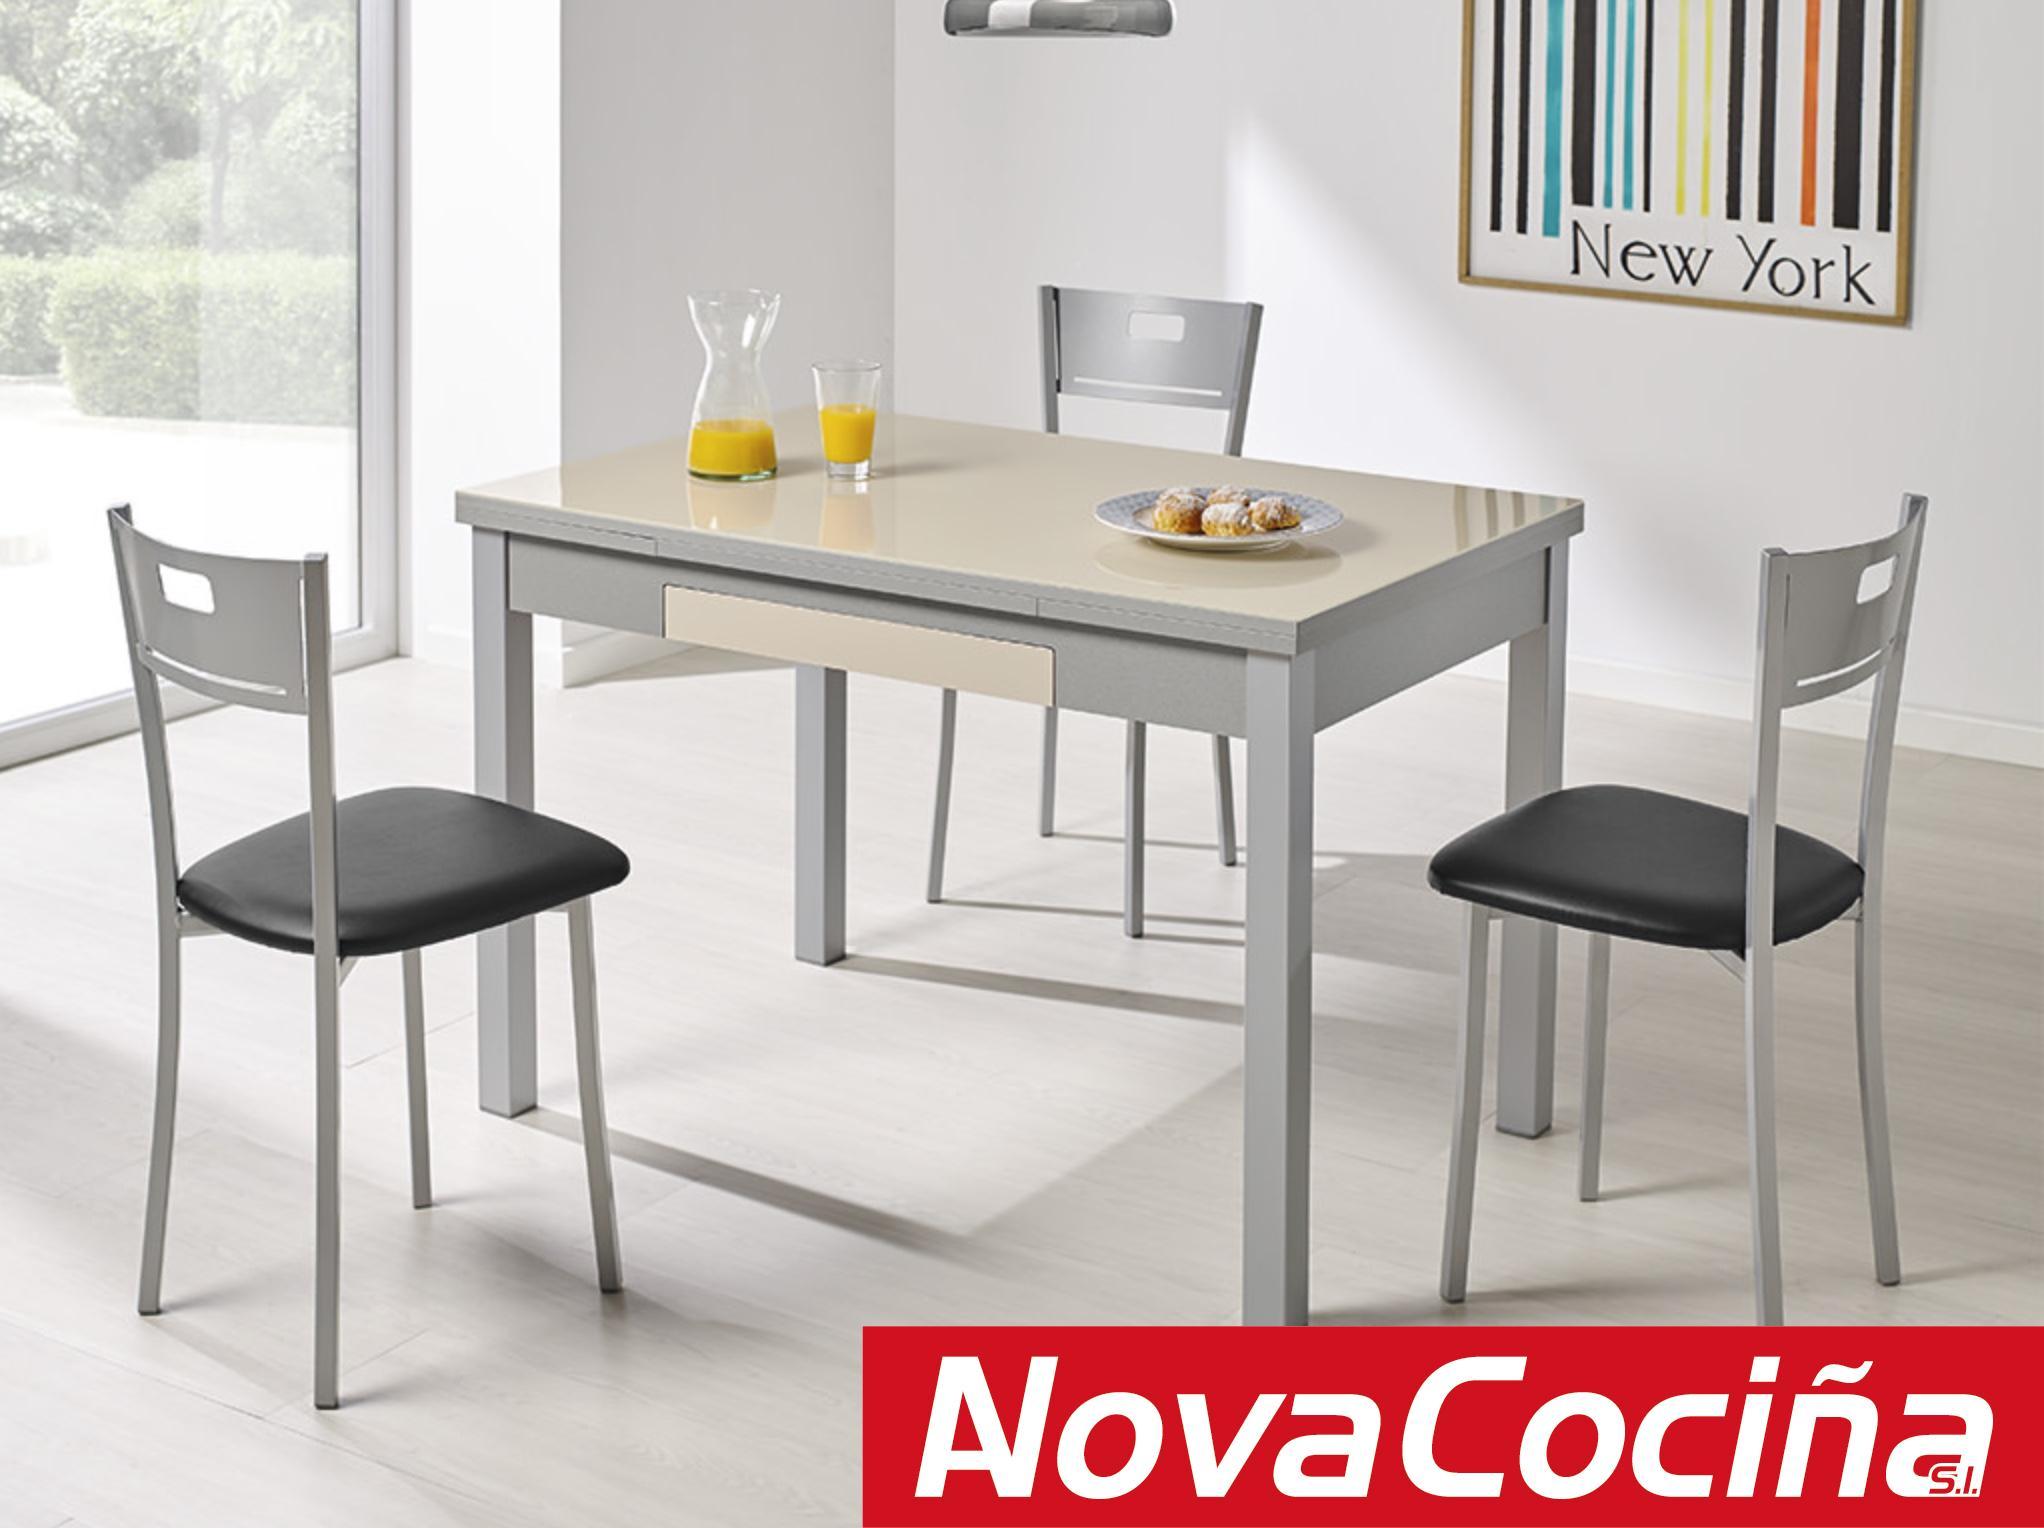 Mesa extensible de cristal ALBA para cocina | ANova Cociña